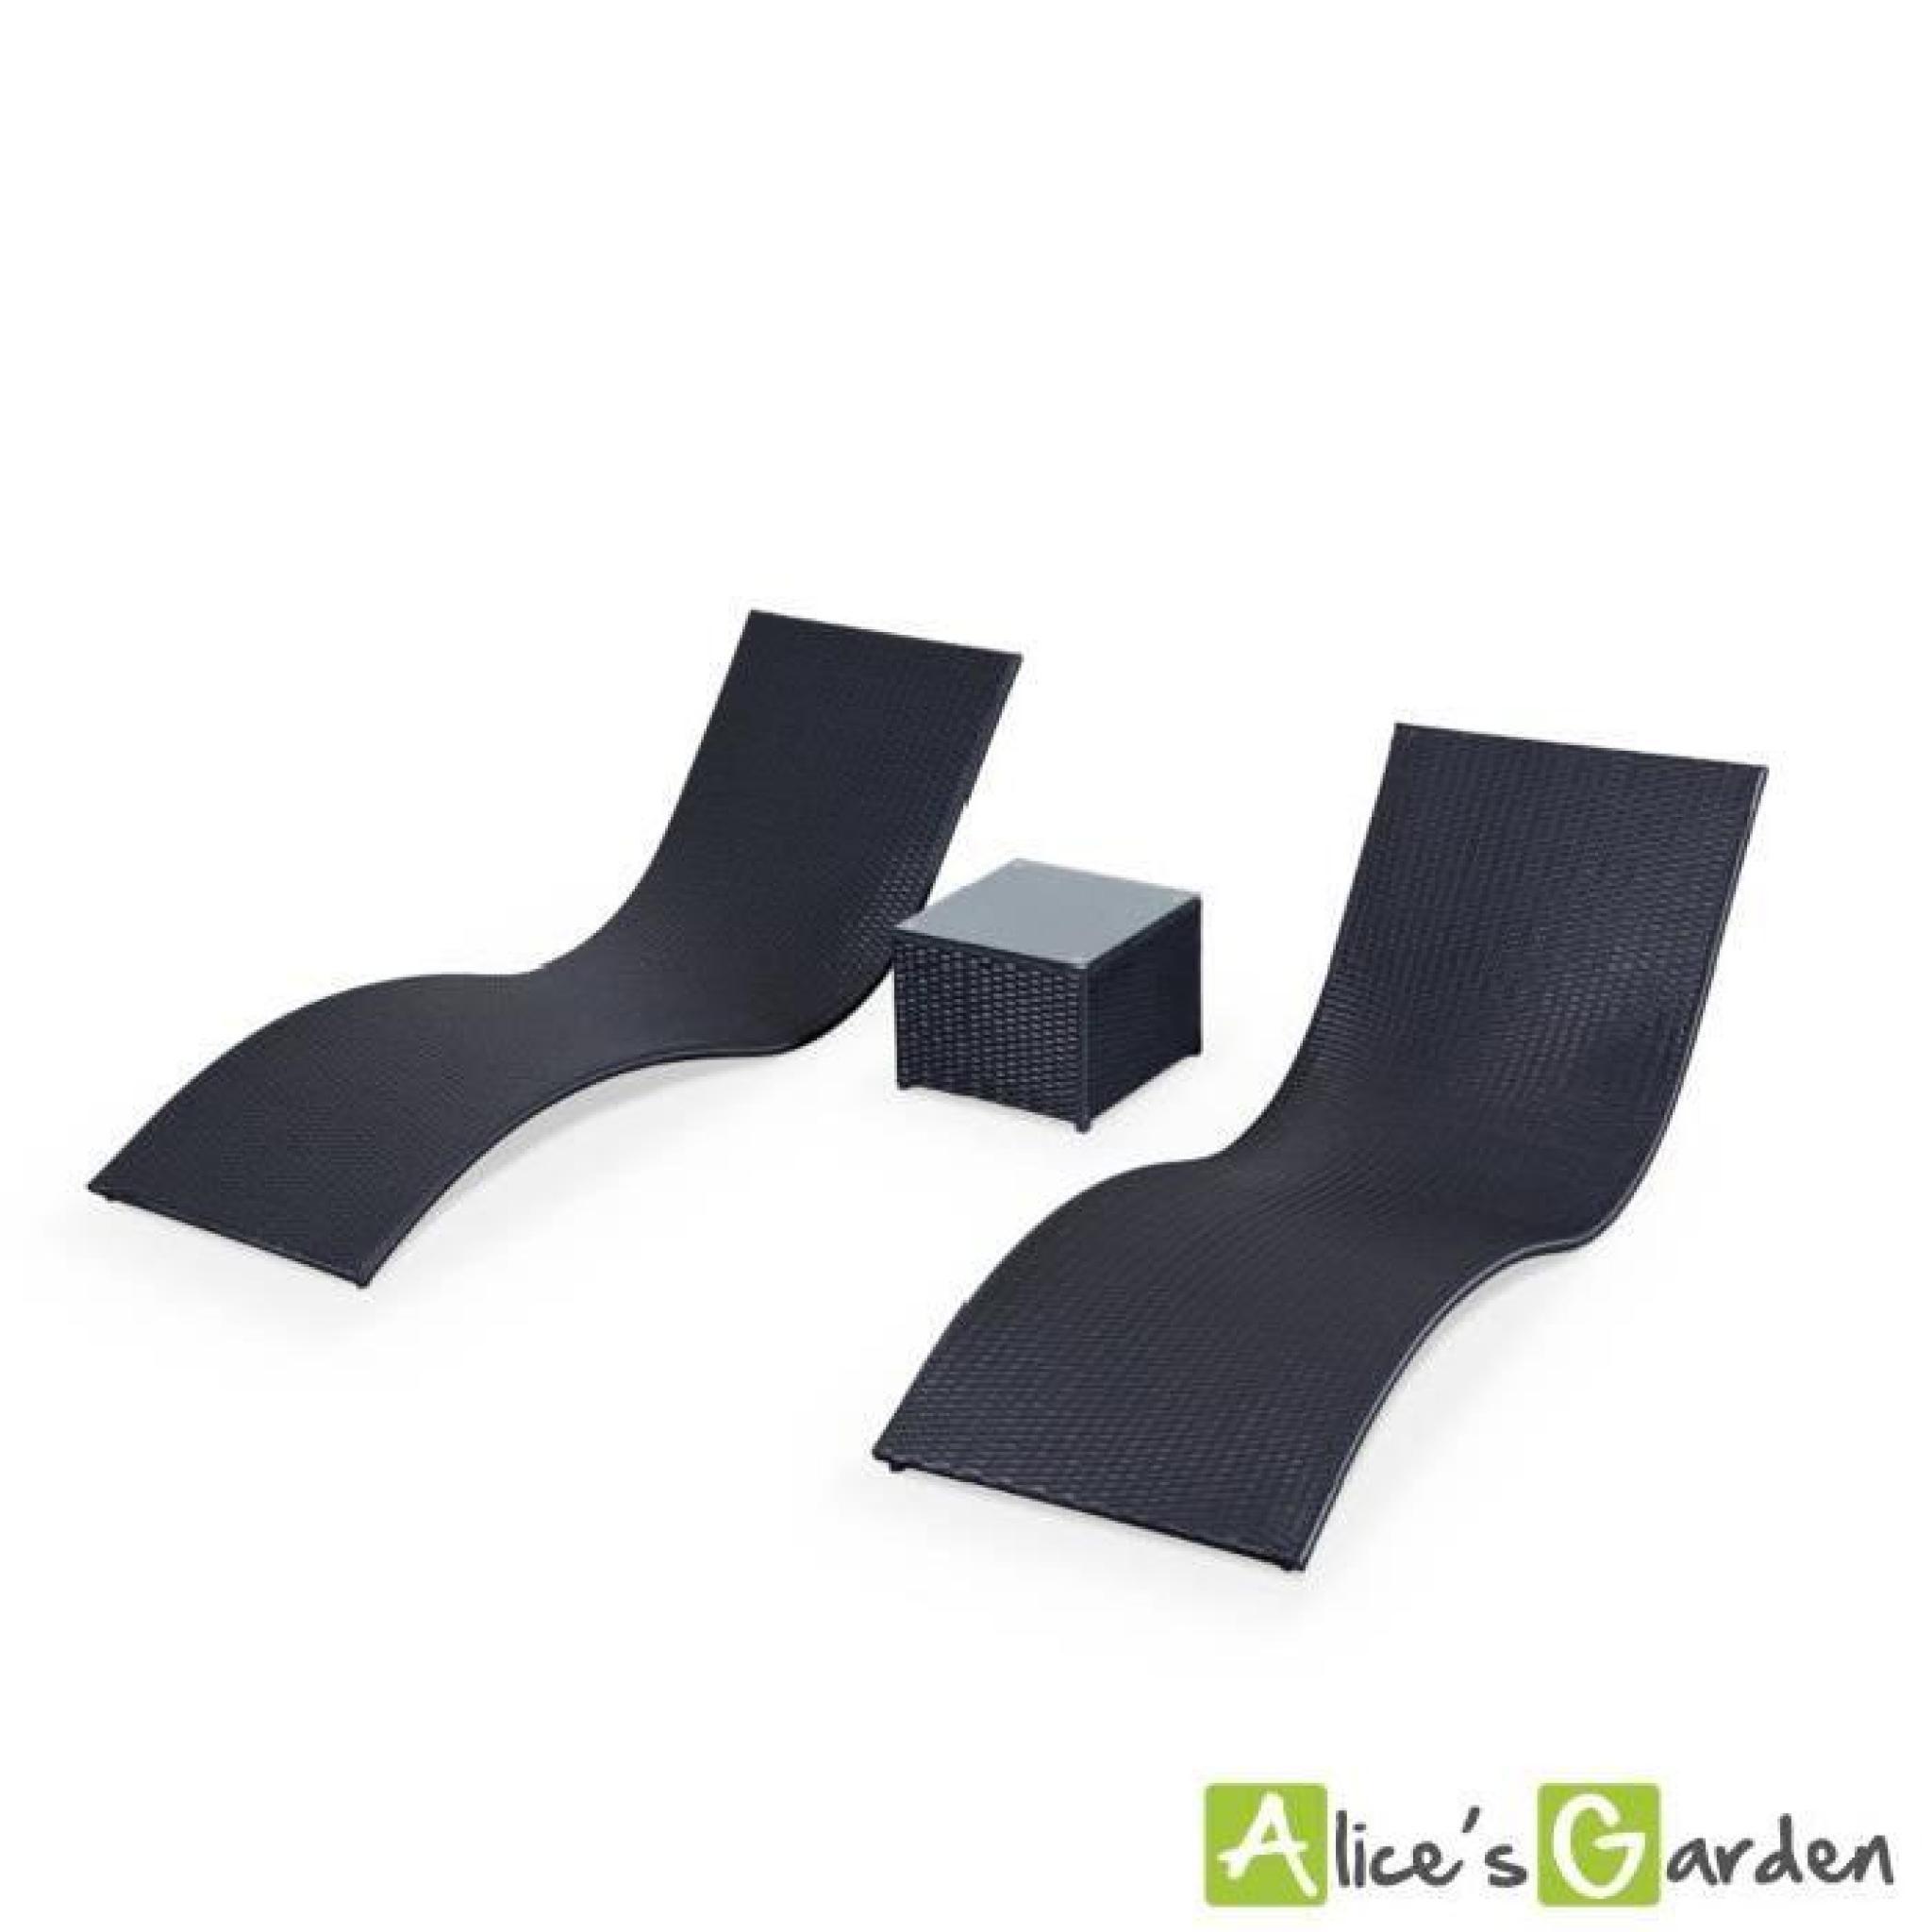 Duo de transat en r sine tress e roma achat vente chaise Chaise longue en resine tressee pas cher